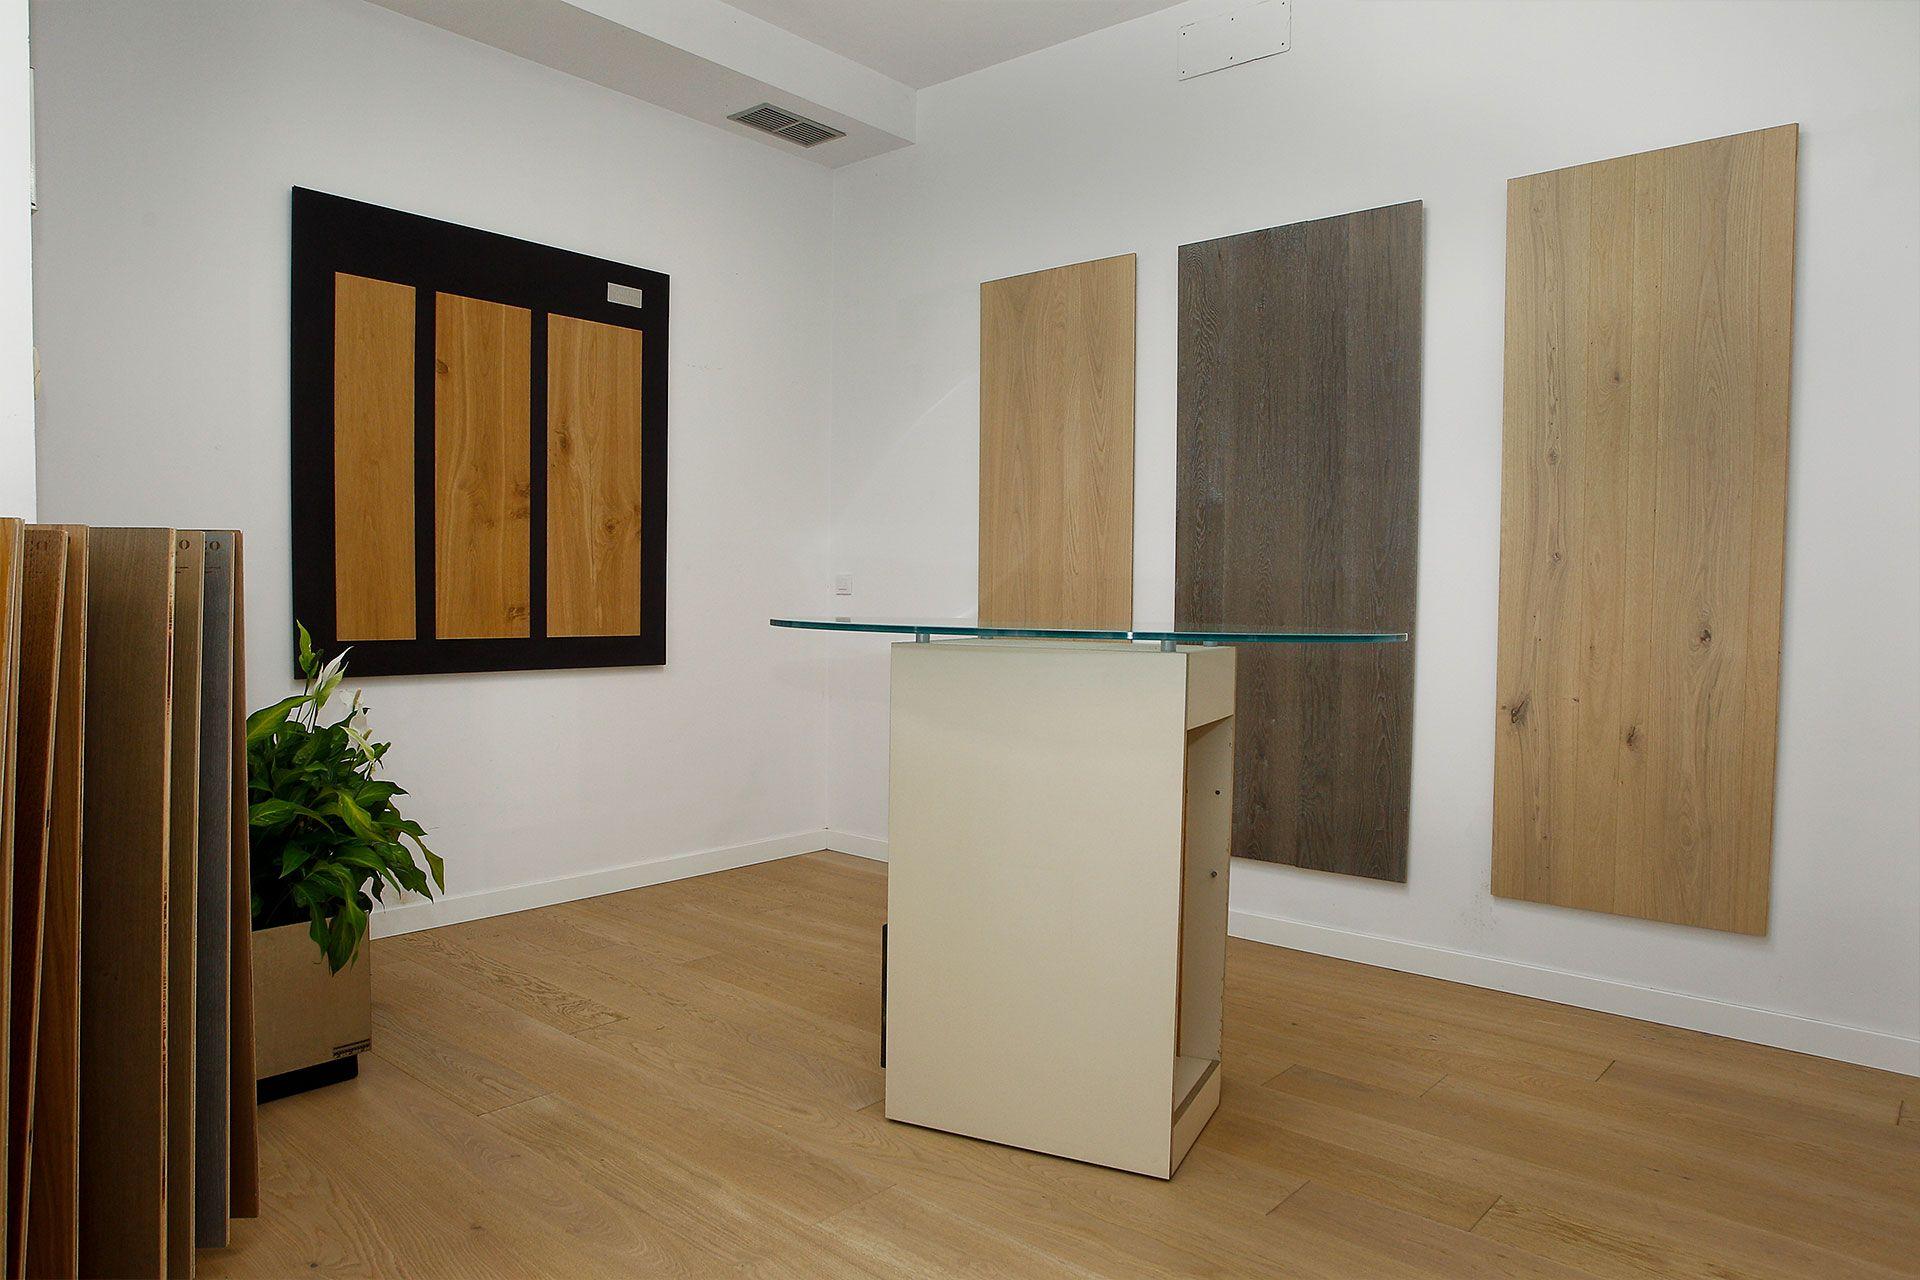 suelos y muebles de madera surco en torrelavega tpi